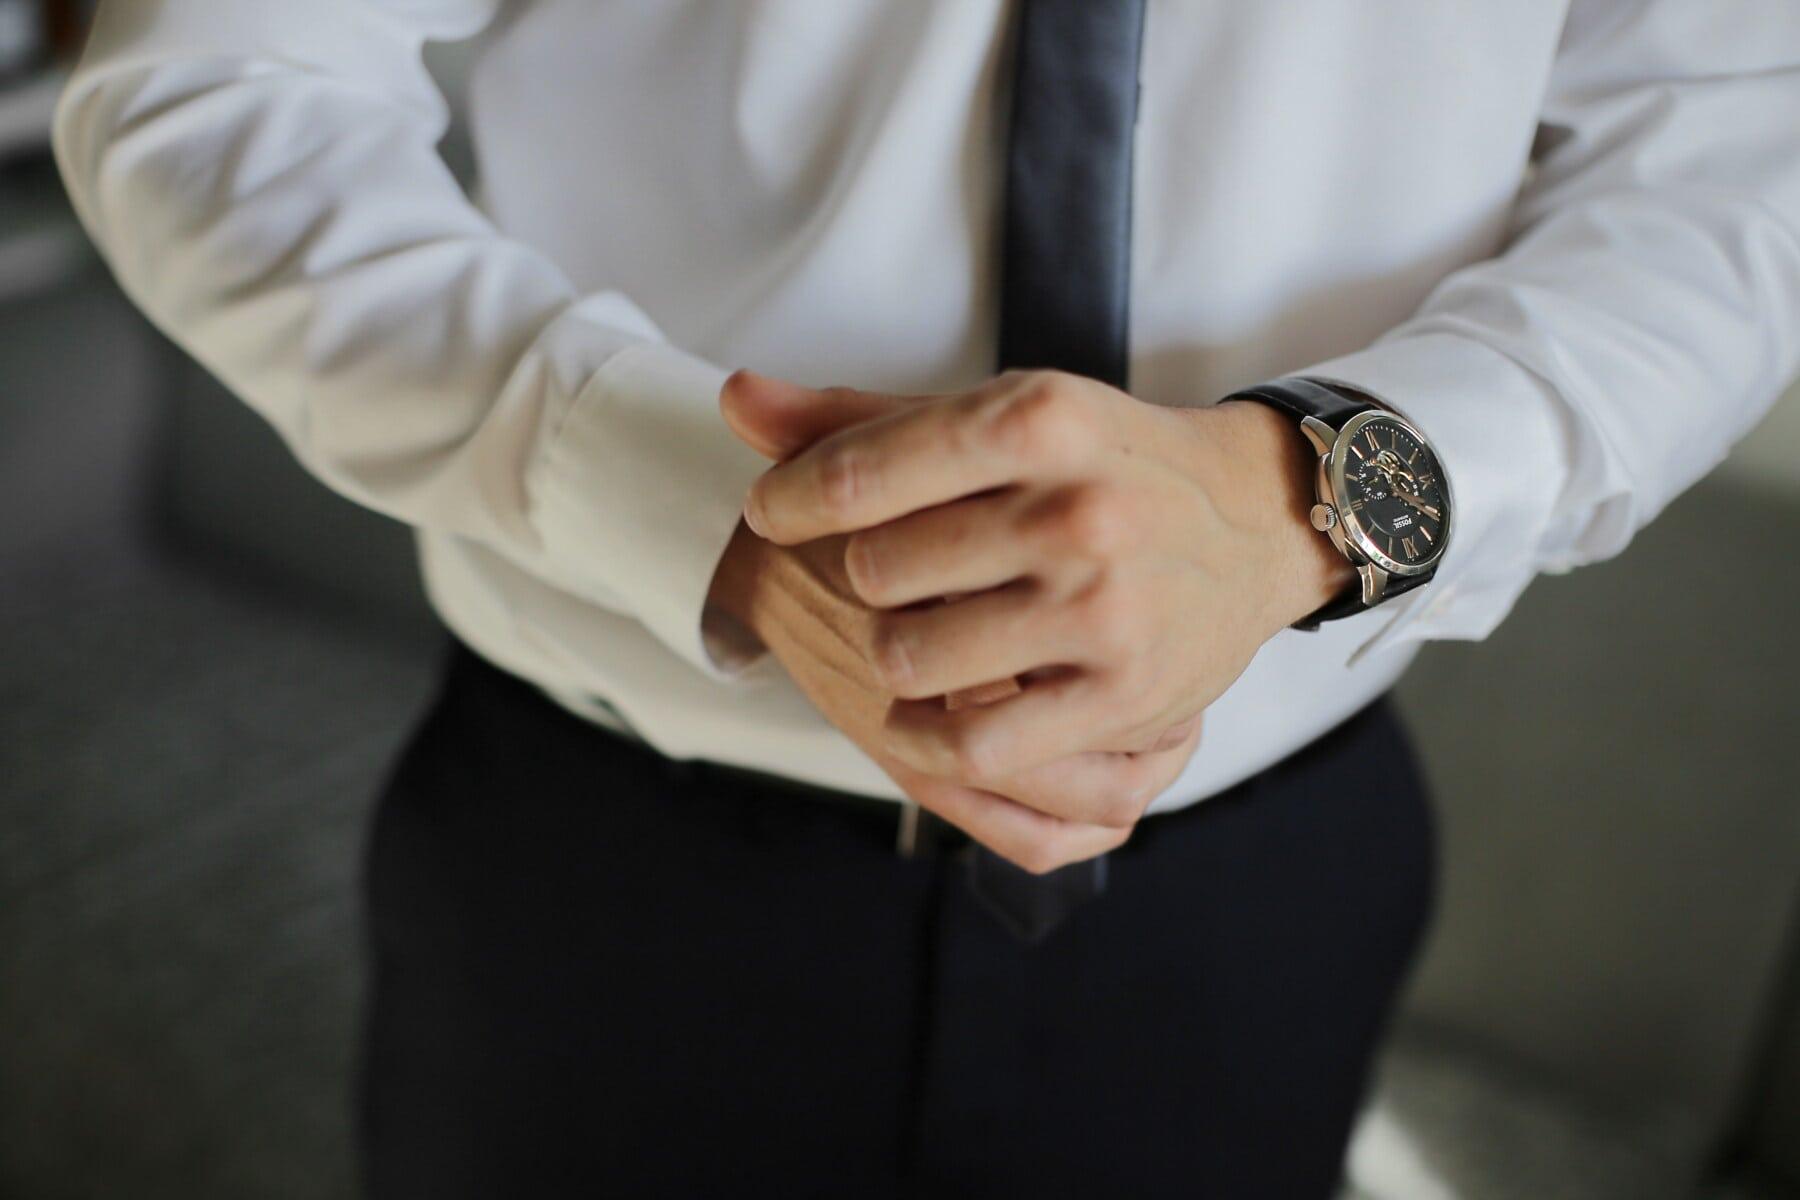 Luxus, Analoguhr, Uhr, Geschäftsmann, Smokinganzug, Armbanduhr, Manager, Hände, gut aussehend, Mann